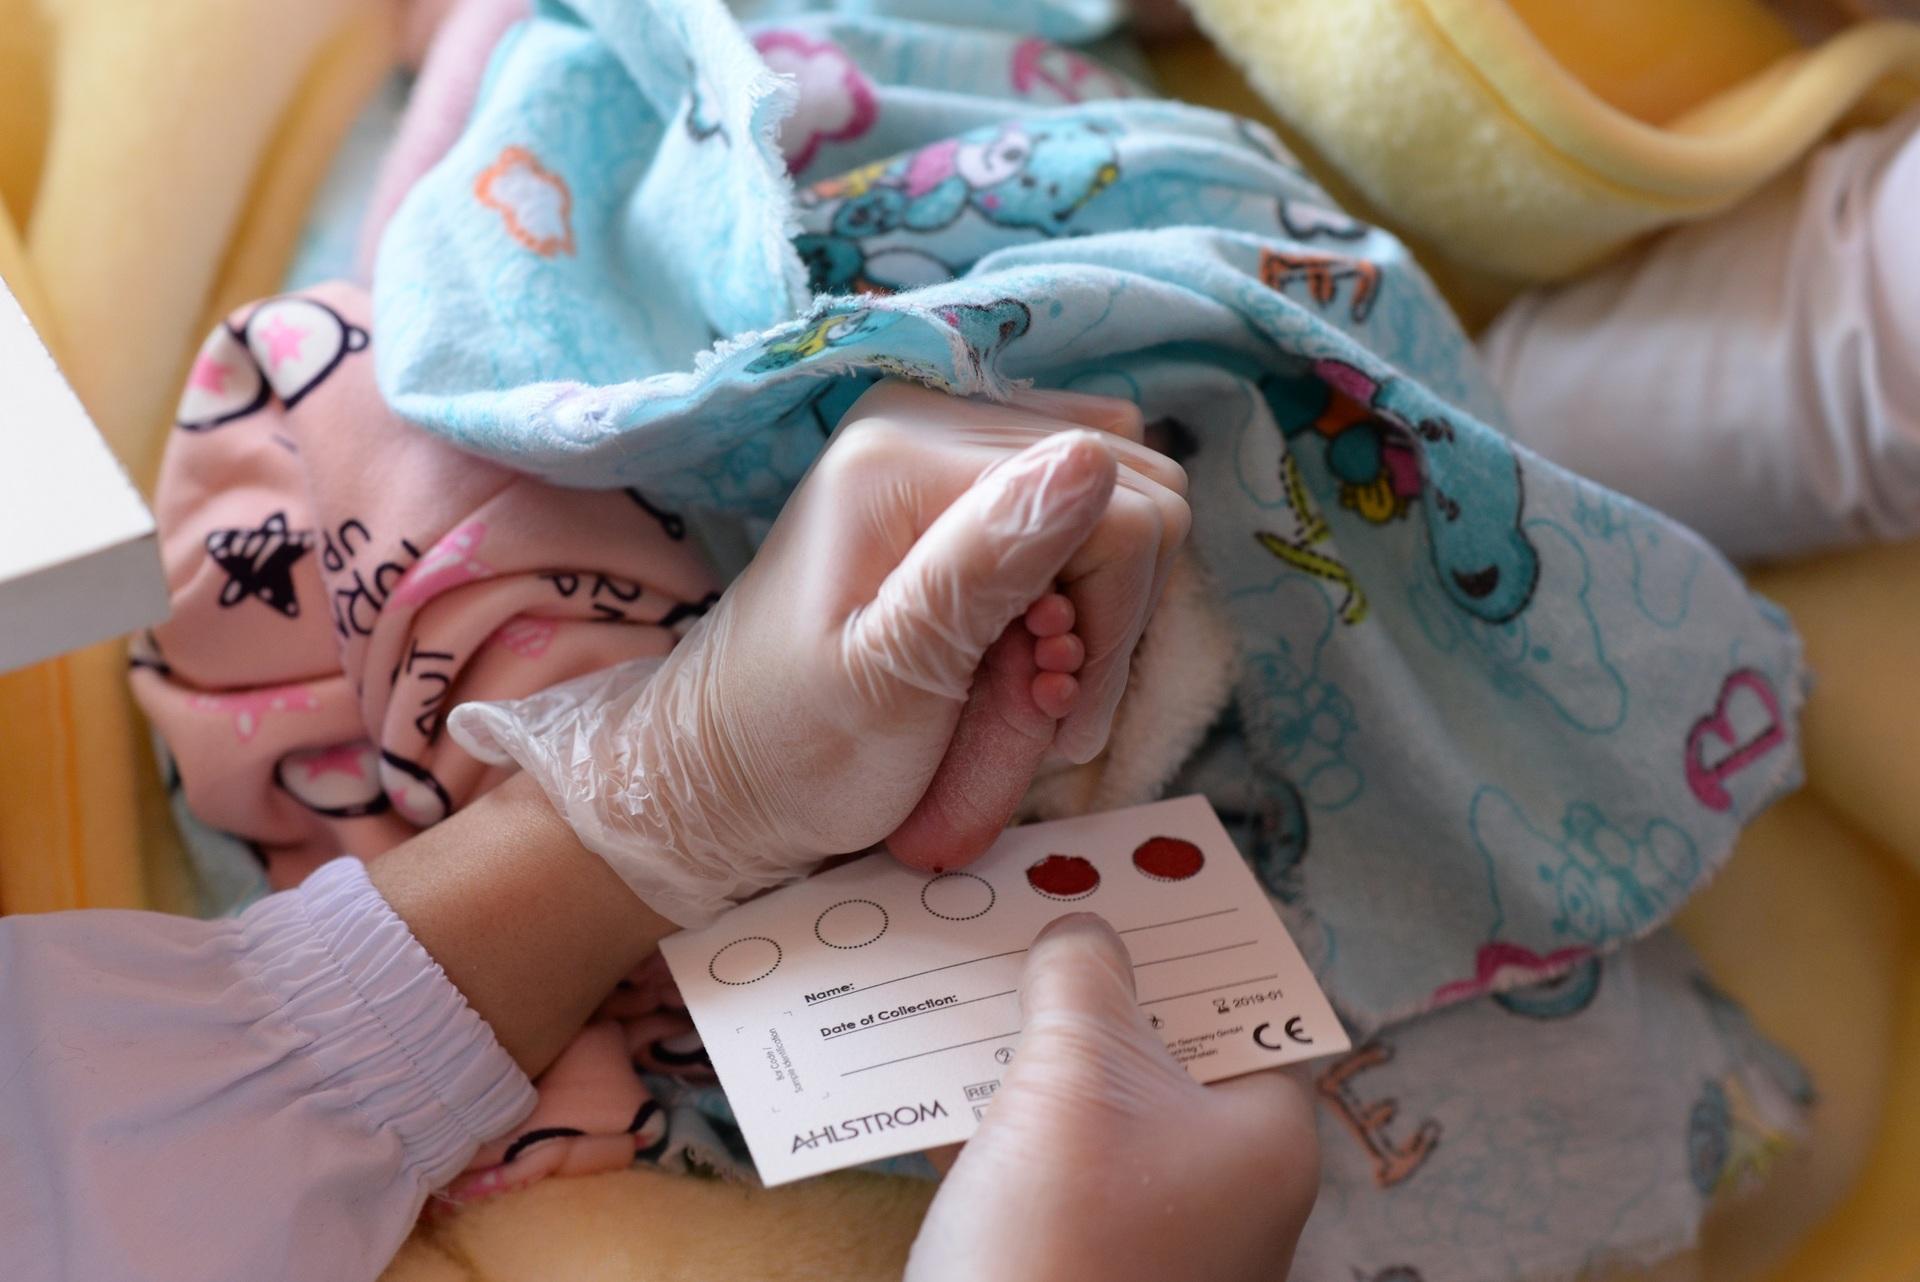 Скрининг на генные мутации новорожденных